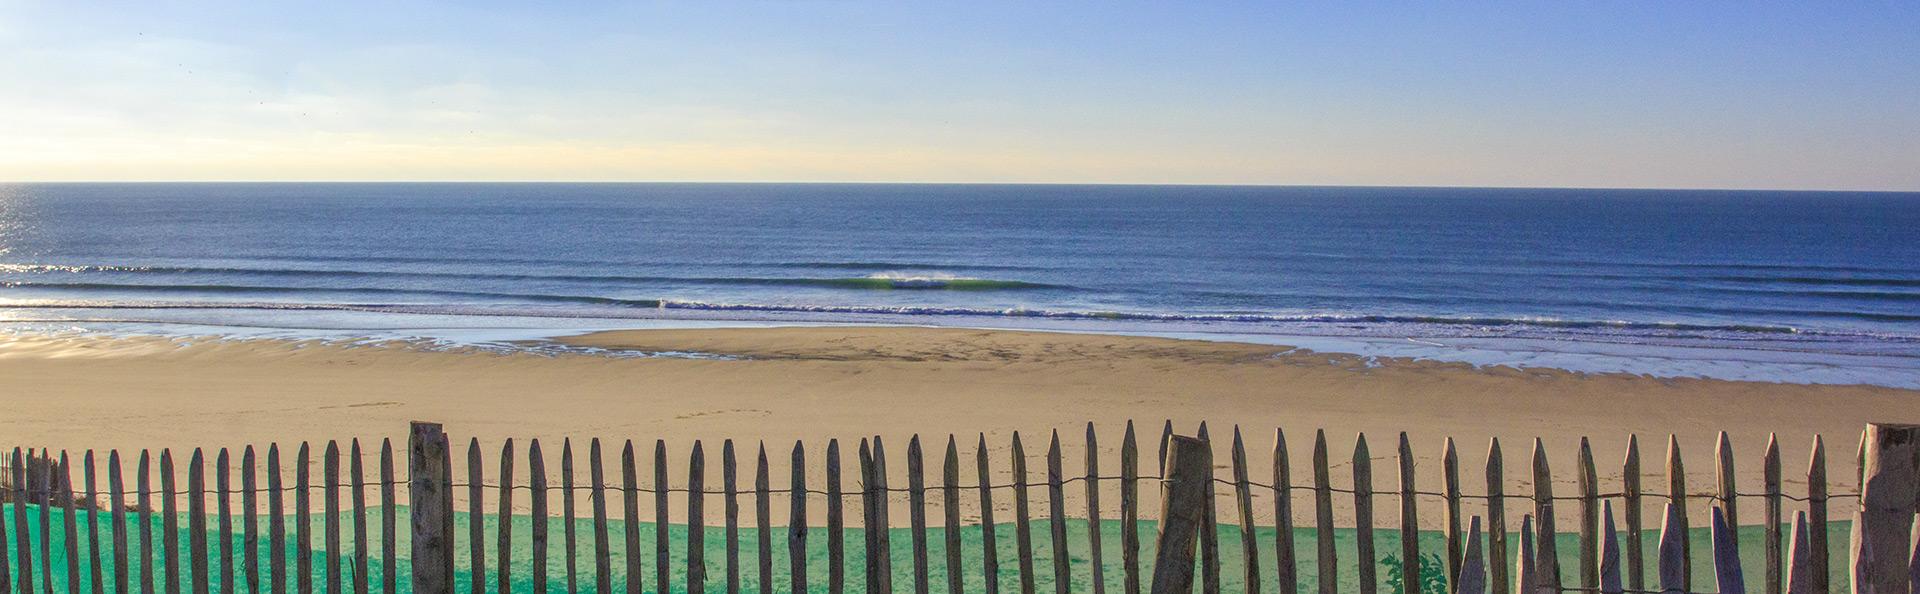 Panorama sur l'océan et les vagues à Hourtin Plage en Gironde